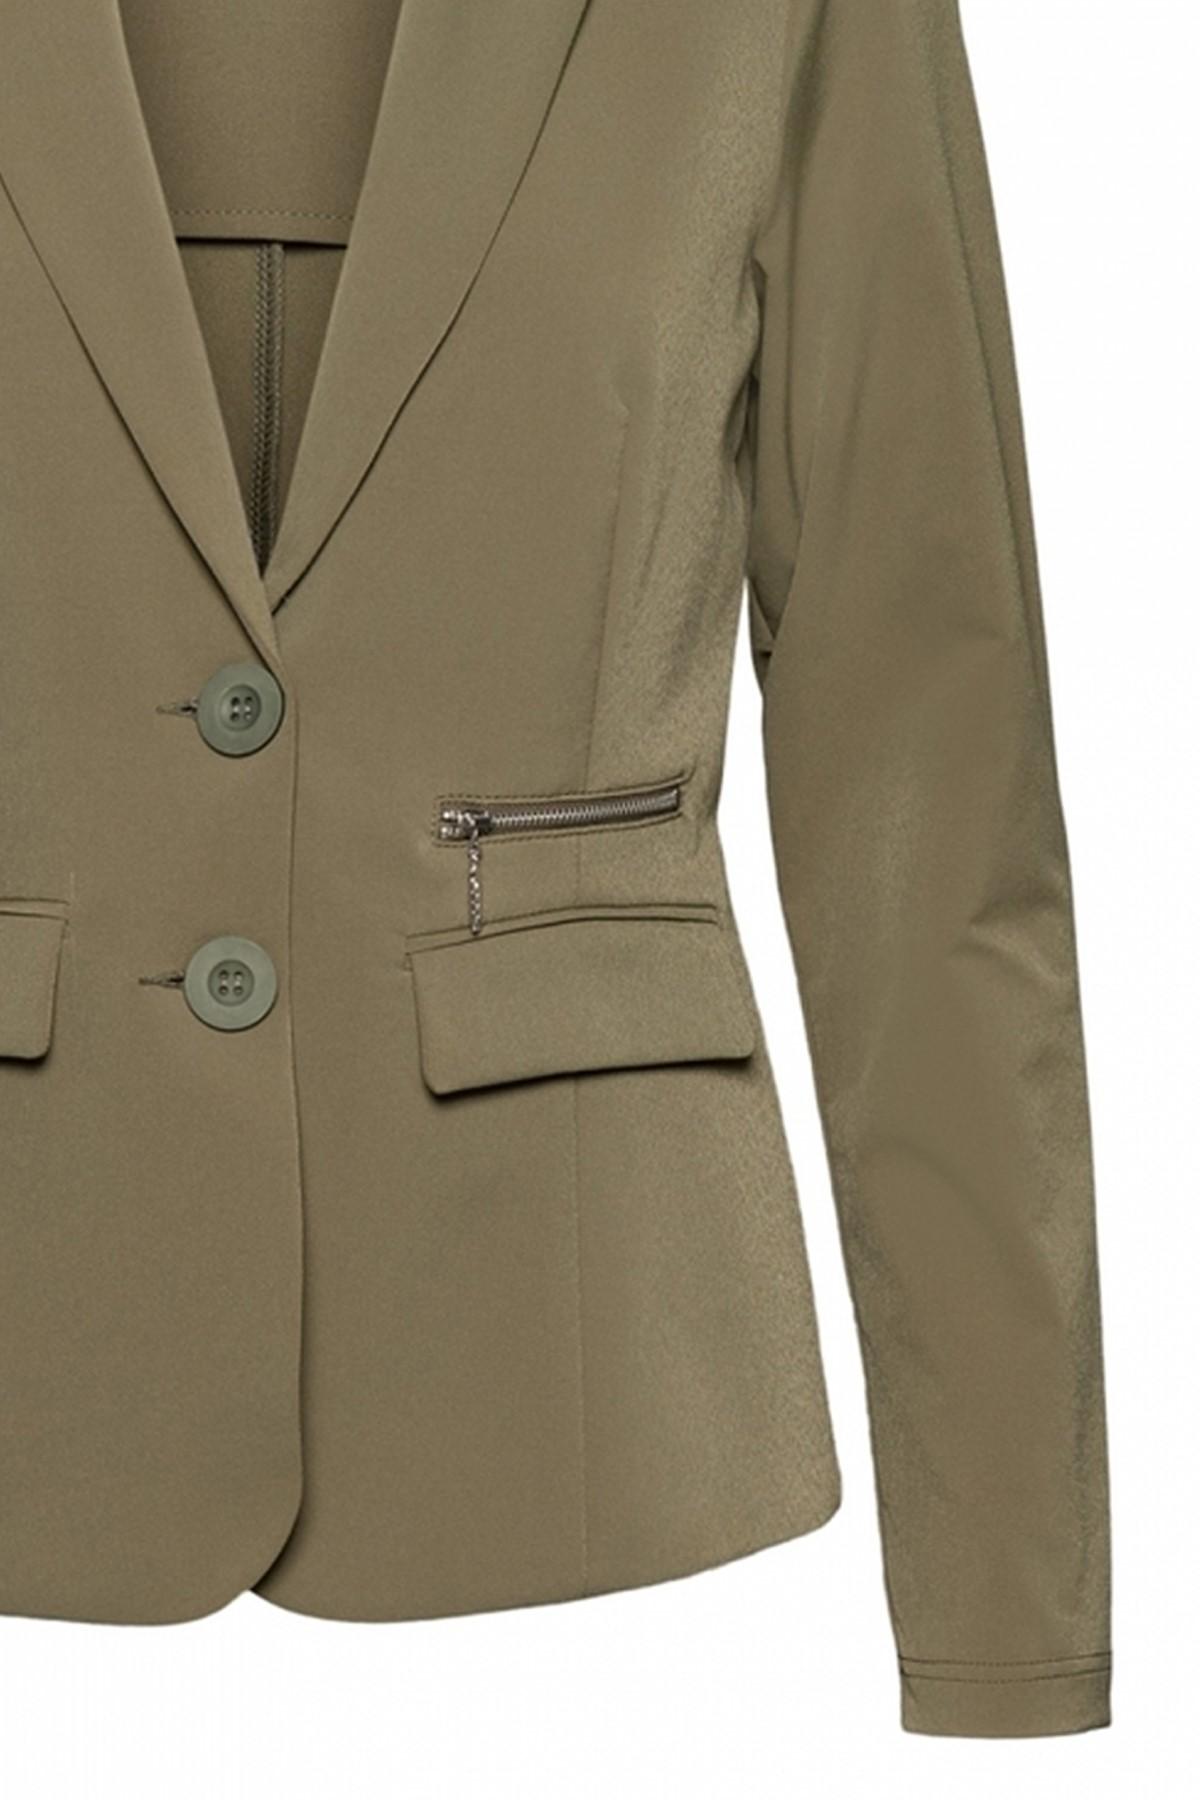 &Co Woman Blazer - Jasje Groen Phileine zipp